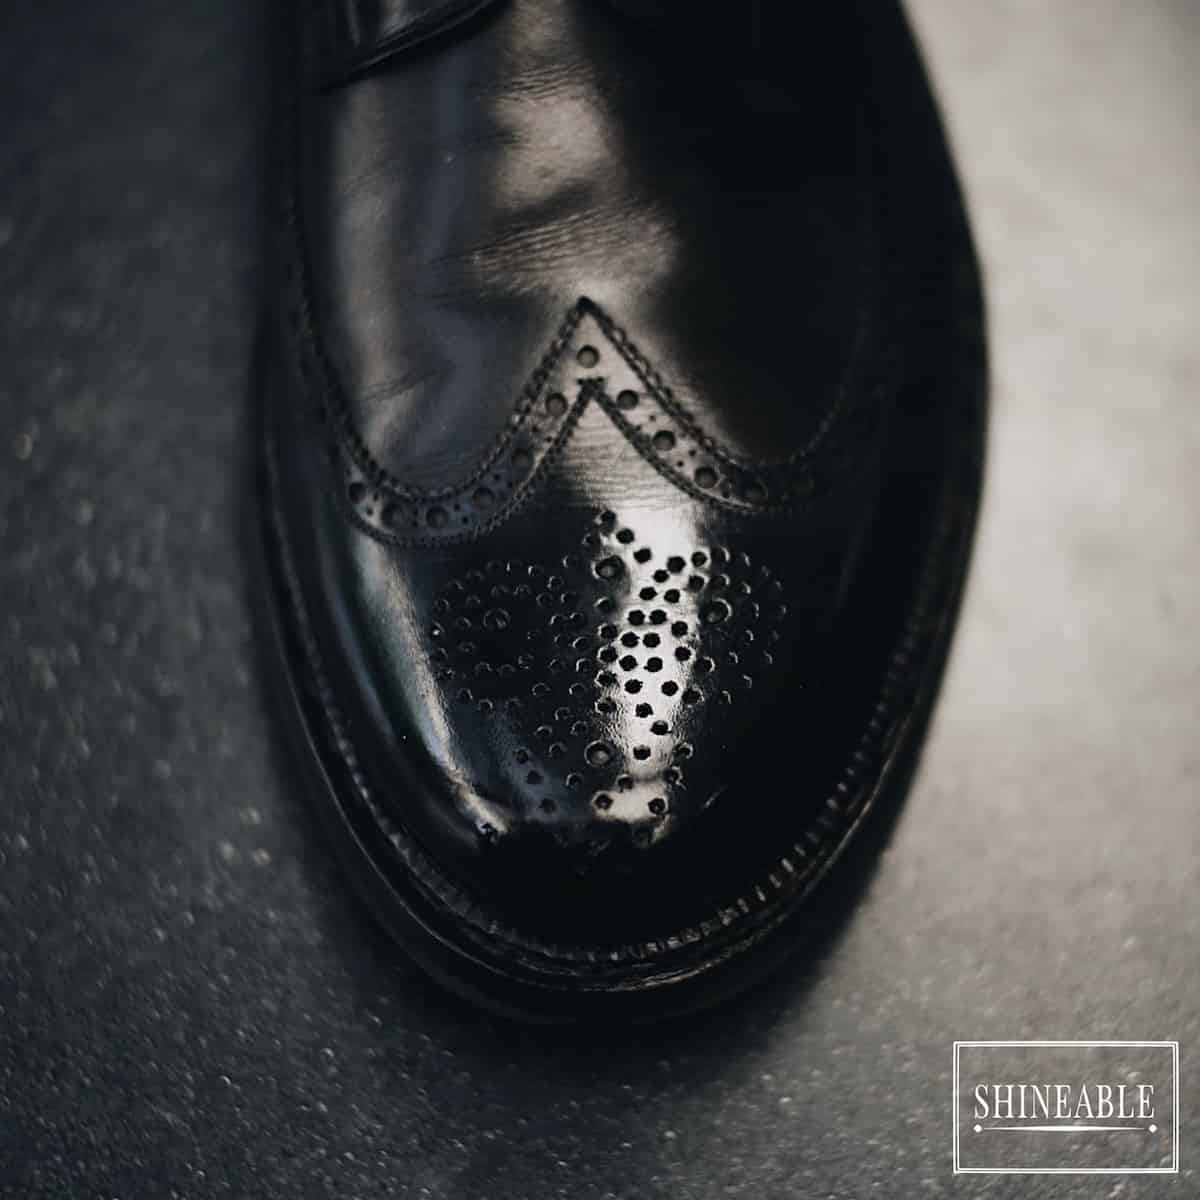 Vass Shoes Budapest สุดยอดแบรนด์รองเท้าหนังระดับสูงจากฮังการี